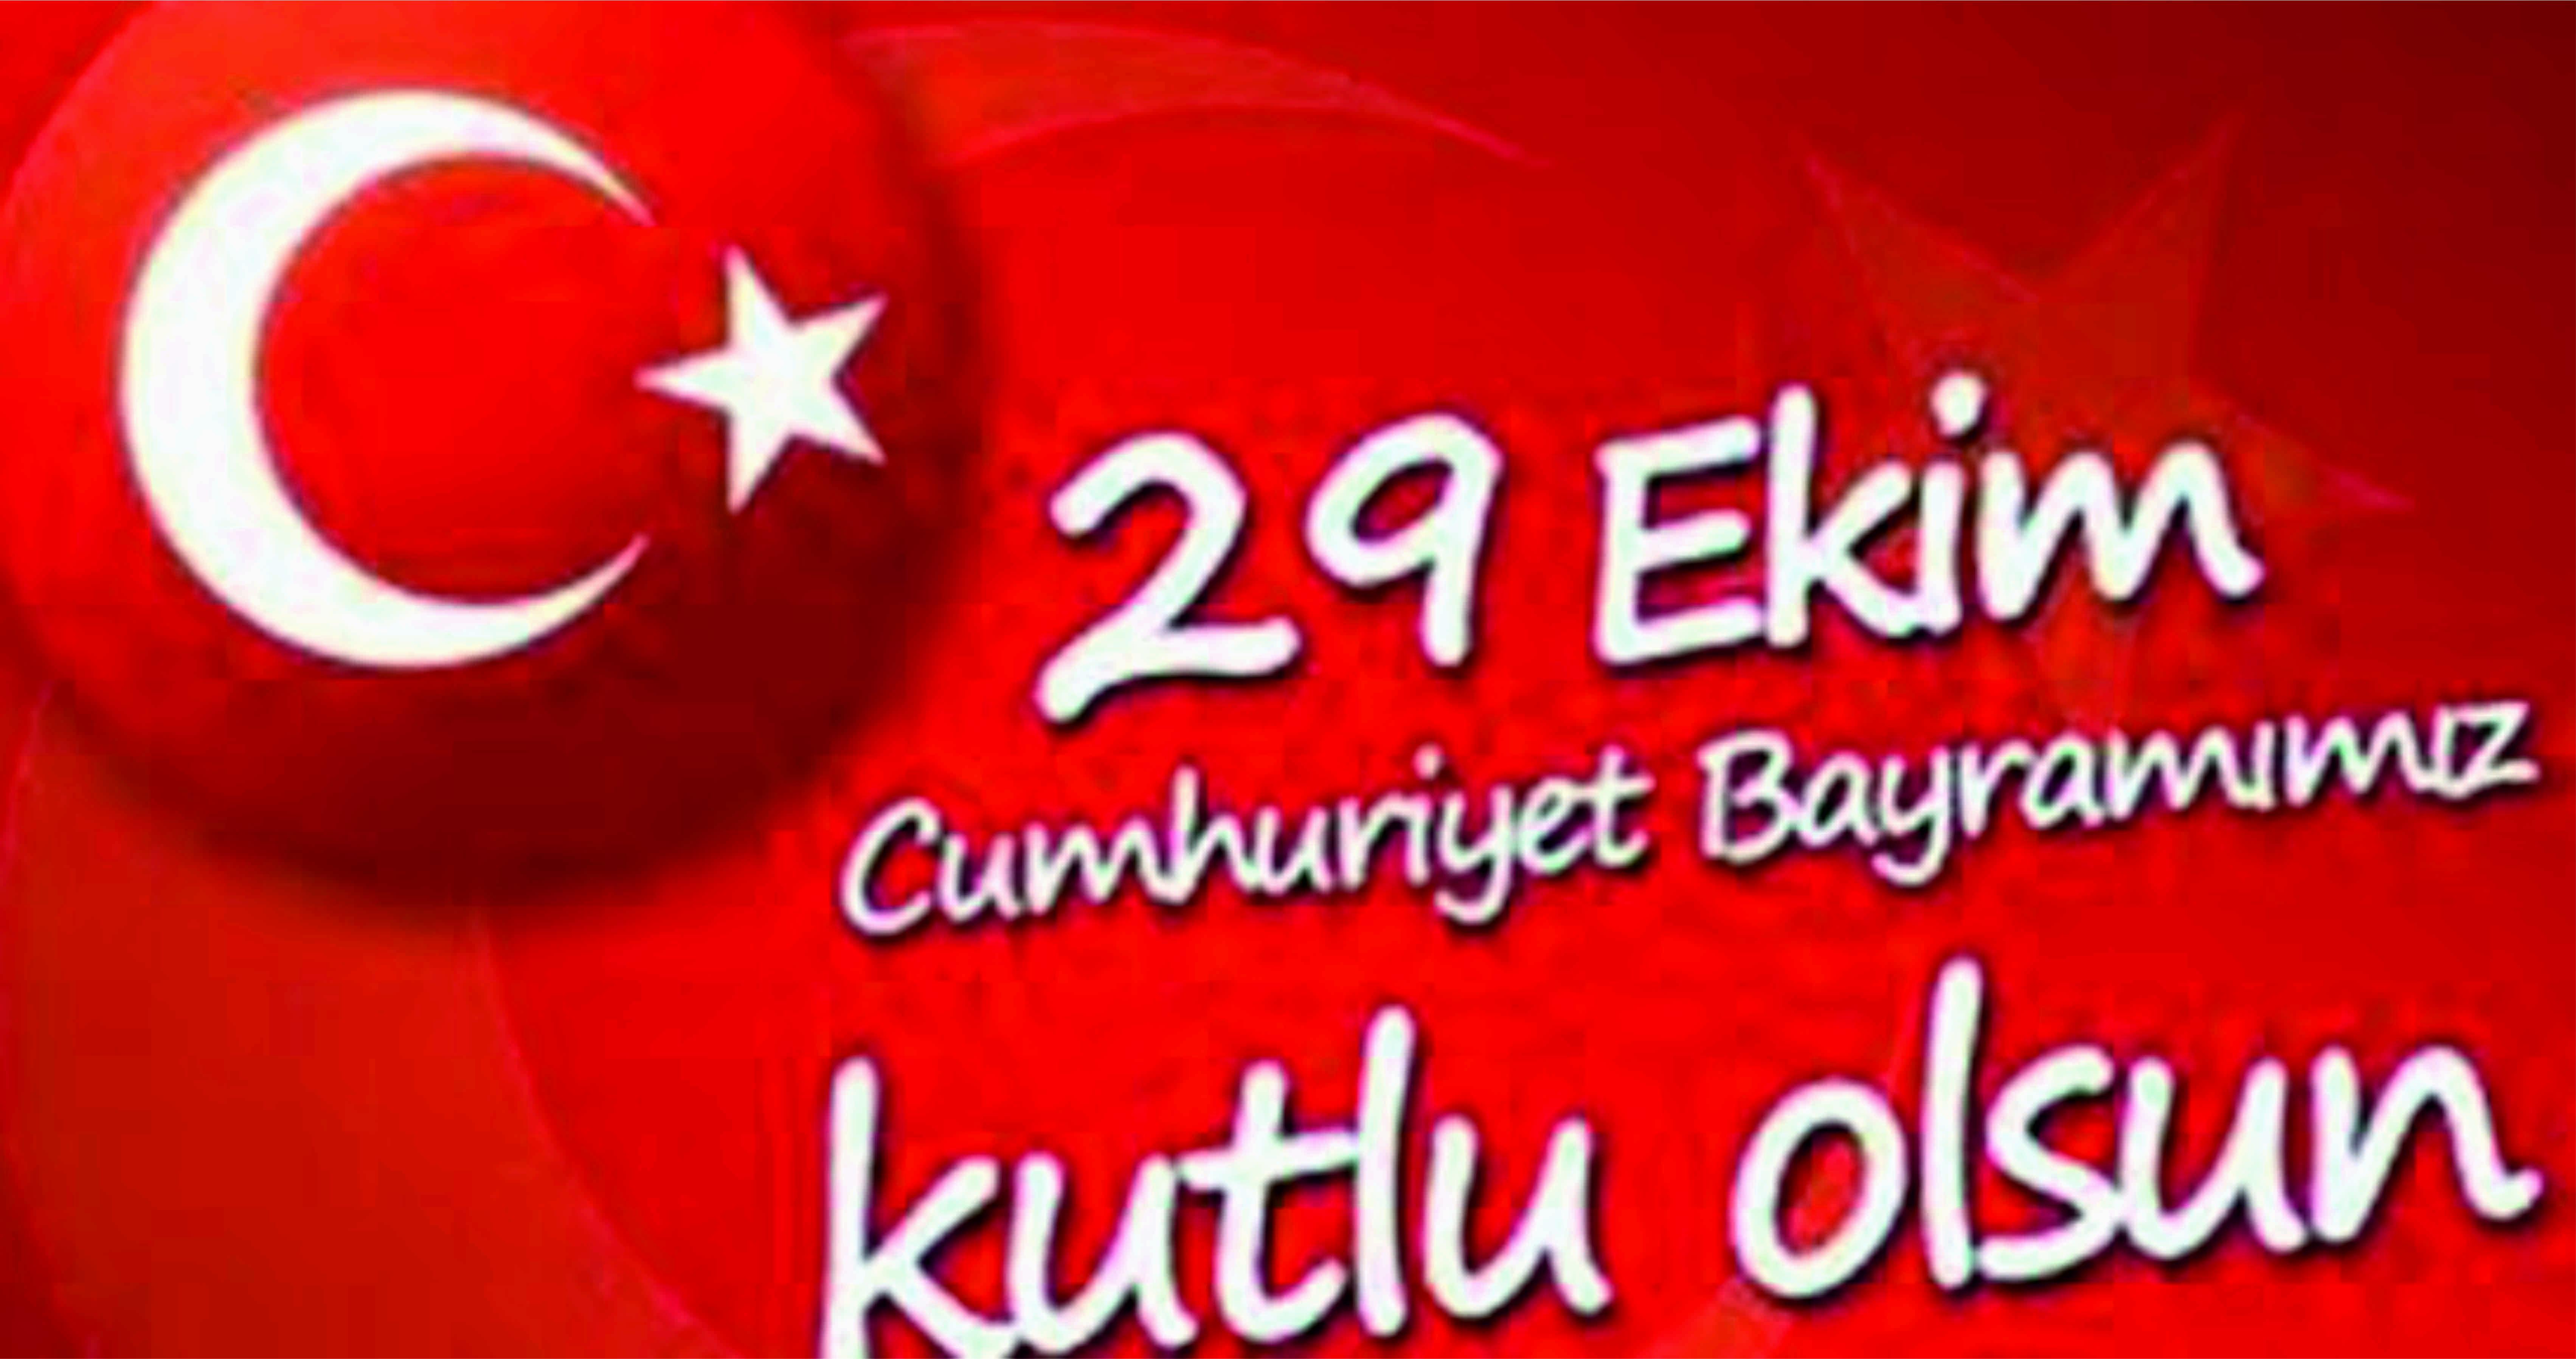 cumhuriyet_bayrami_kutlamalari_turkiye_29_ekim_cumhuriyet_bayrami_h2458